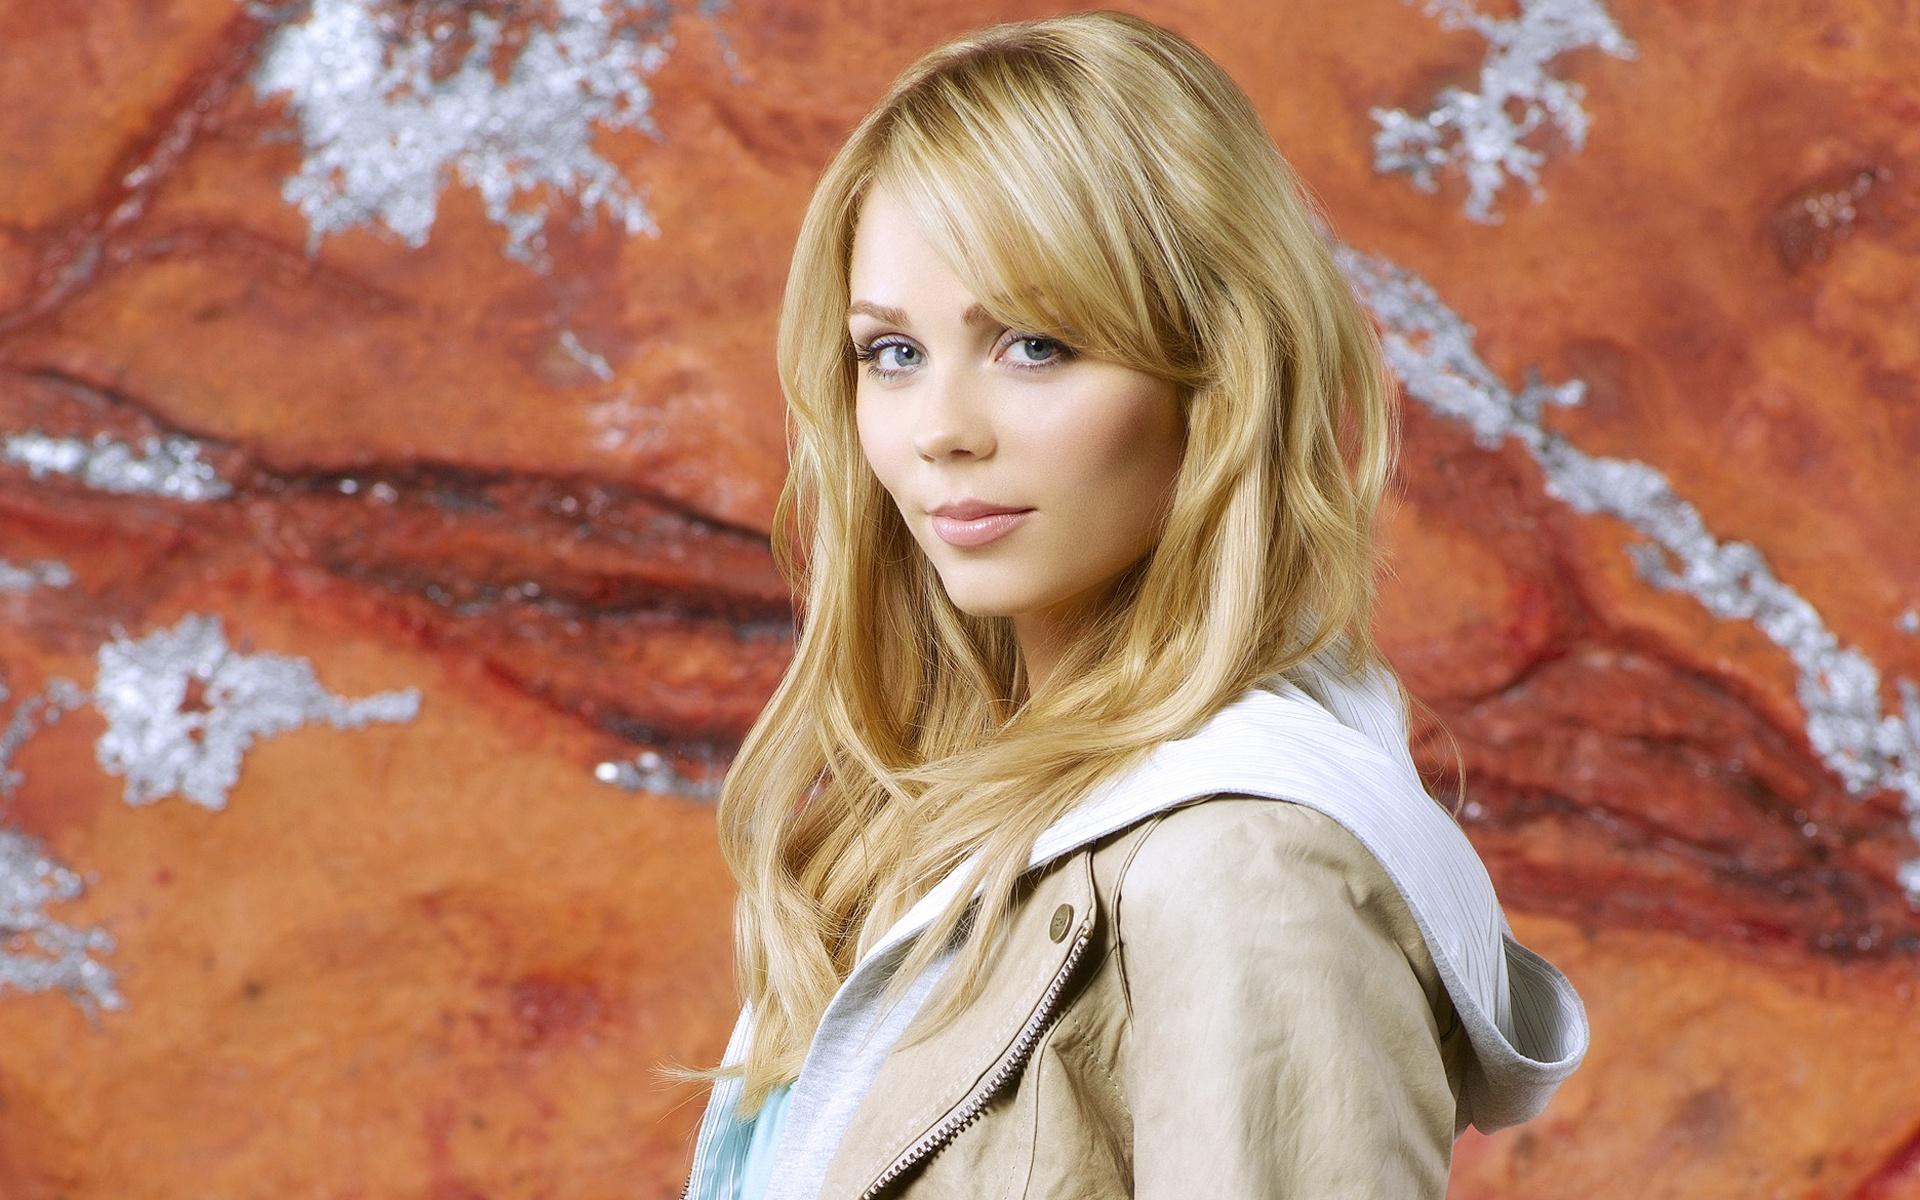 ローラ Vandervoort 04 640x1136 Iphone 5 5s 5c Se 壁紙 背景 画像